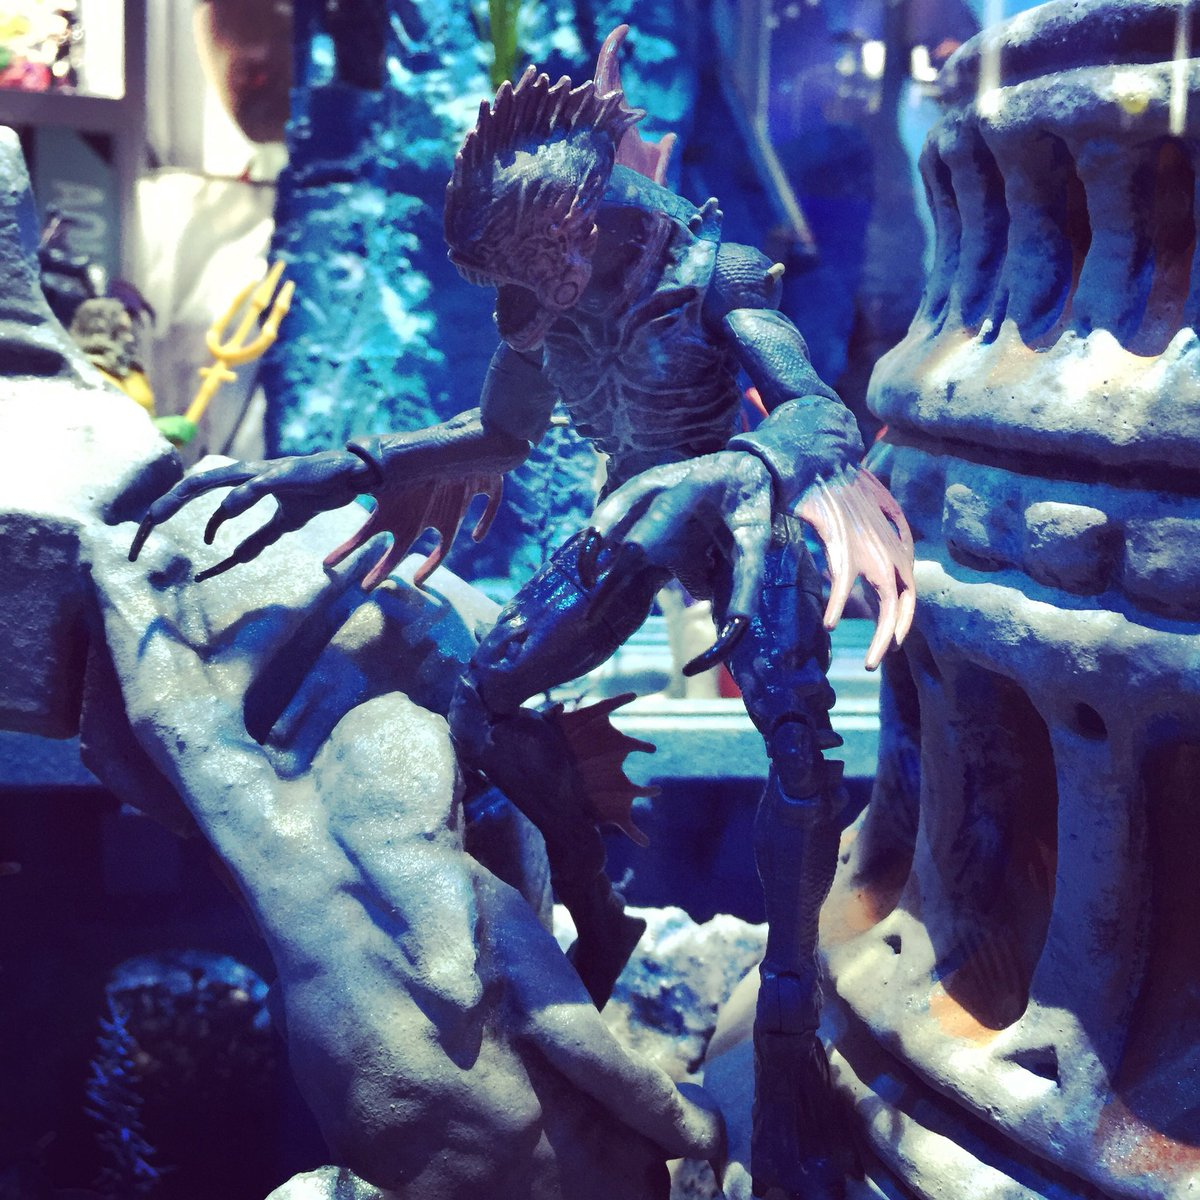 Liberan el esperado tráiler de Aquaman en la Comic Con San Diego